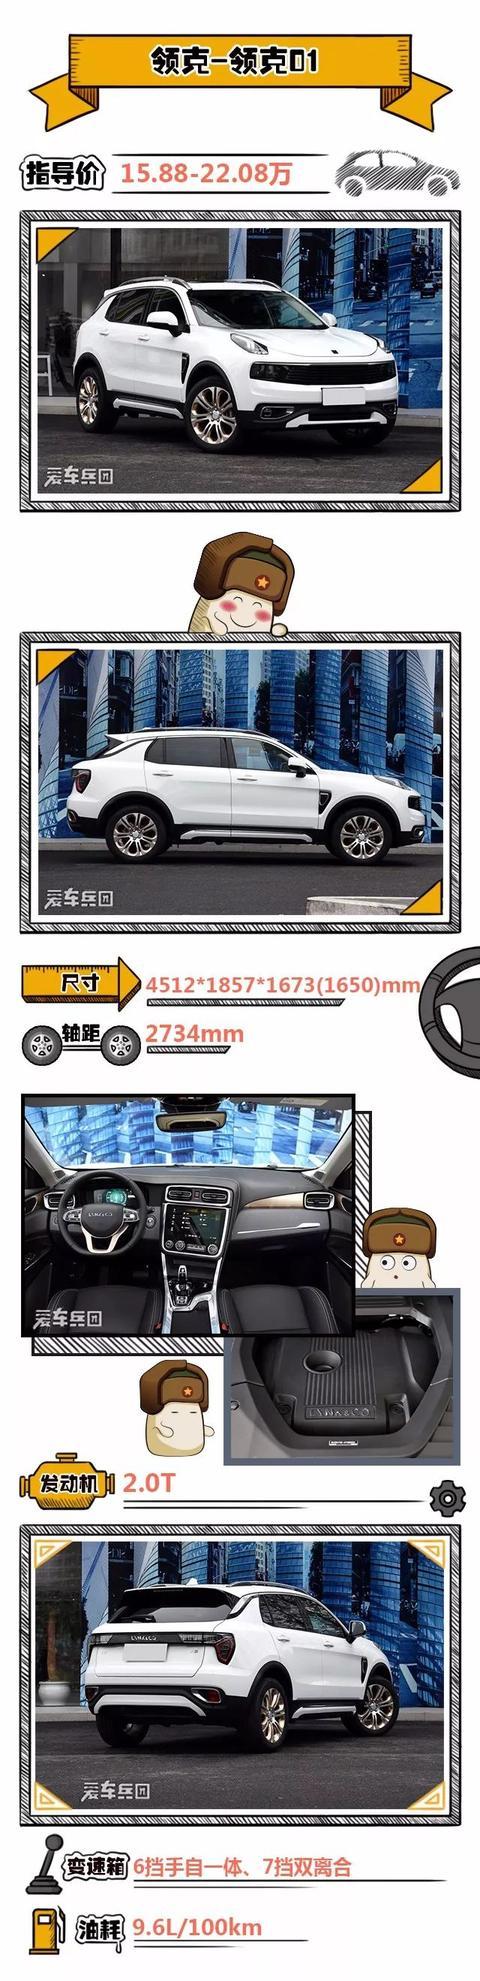 11万起步 这三款带主动刹车的SUV性价比还很高!